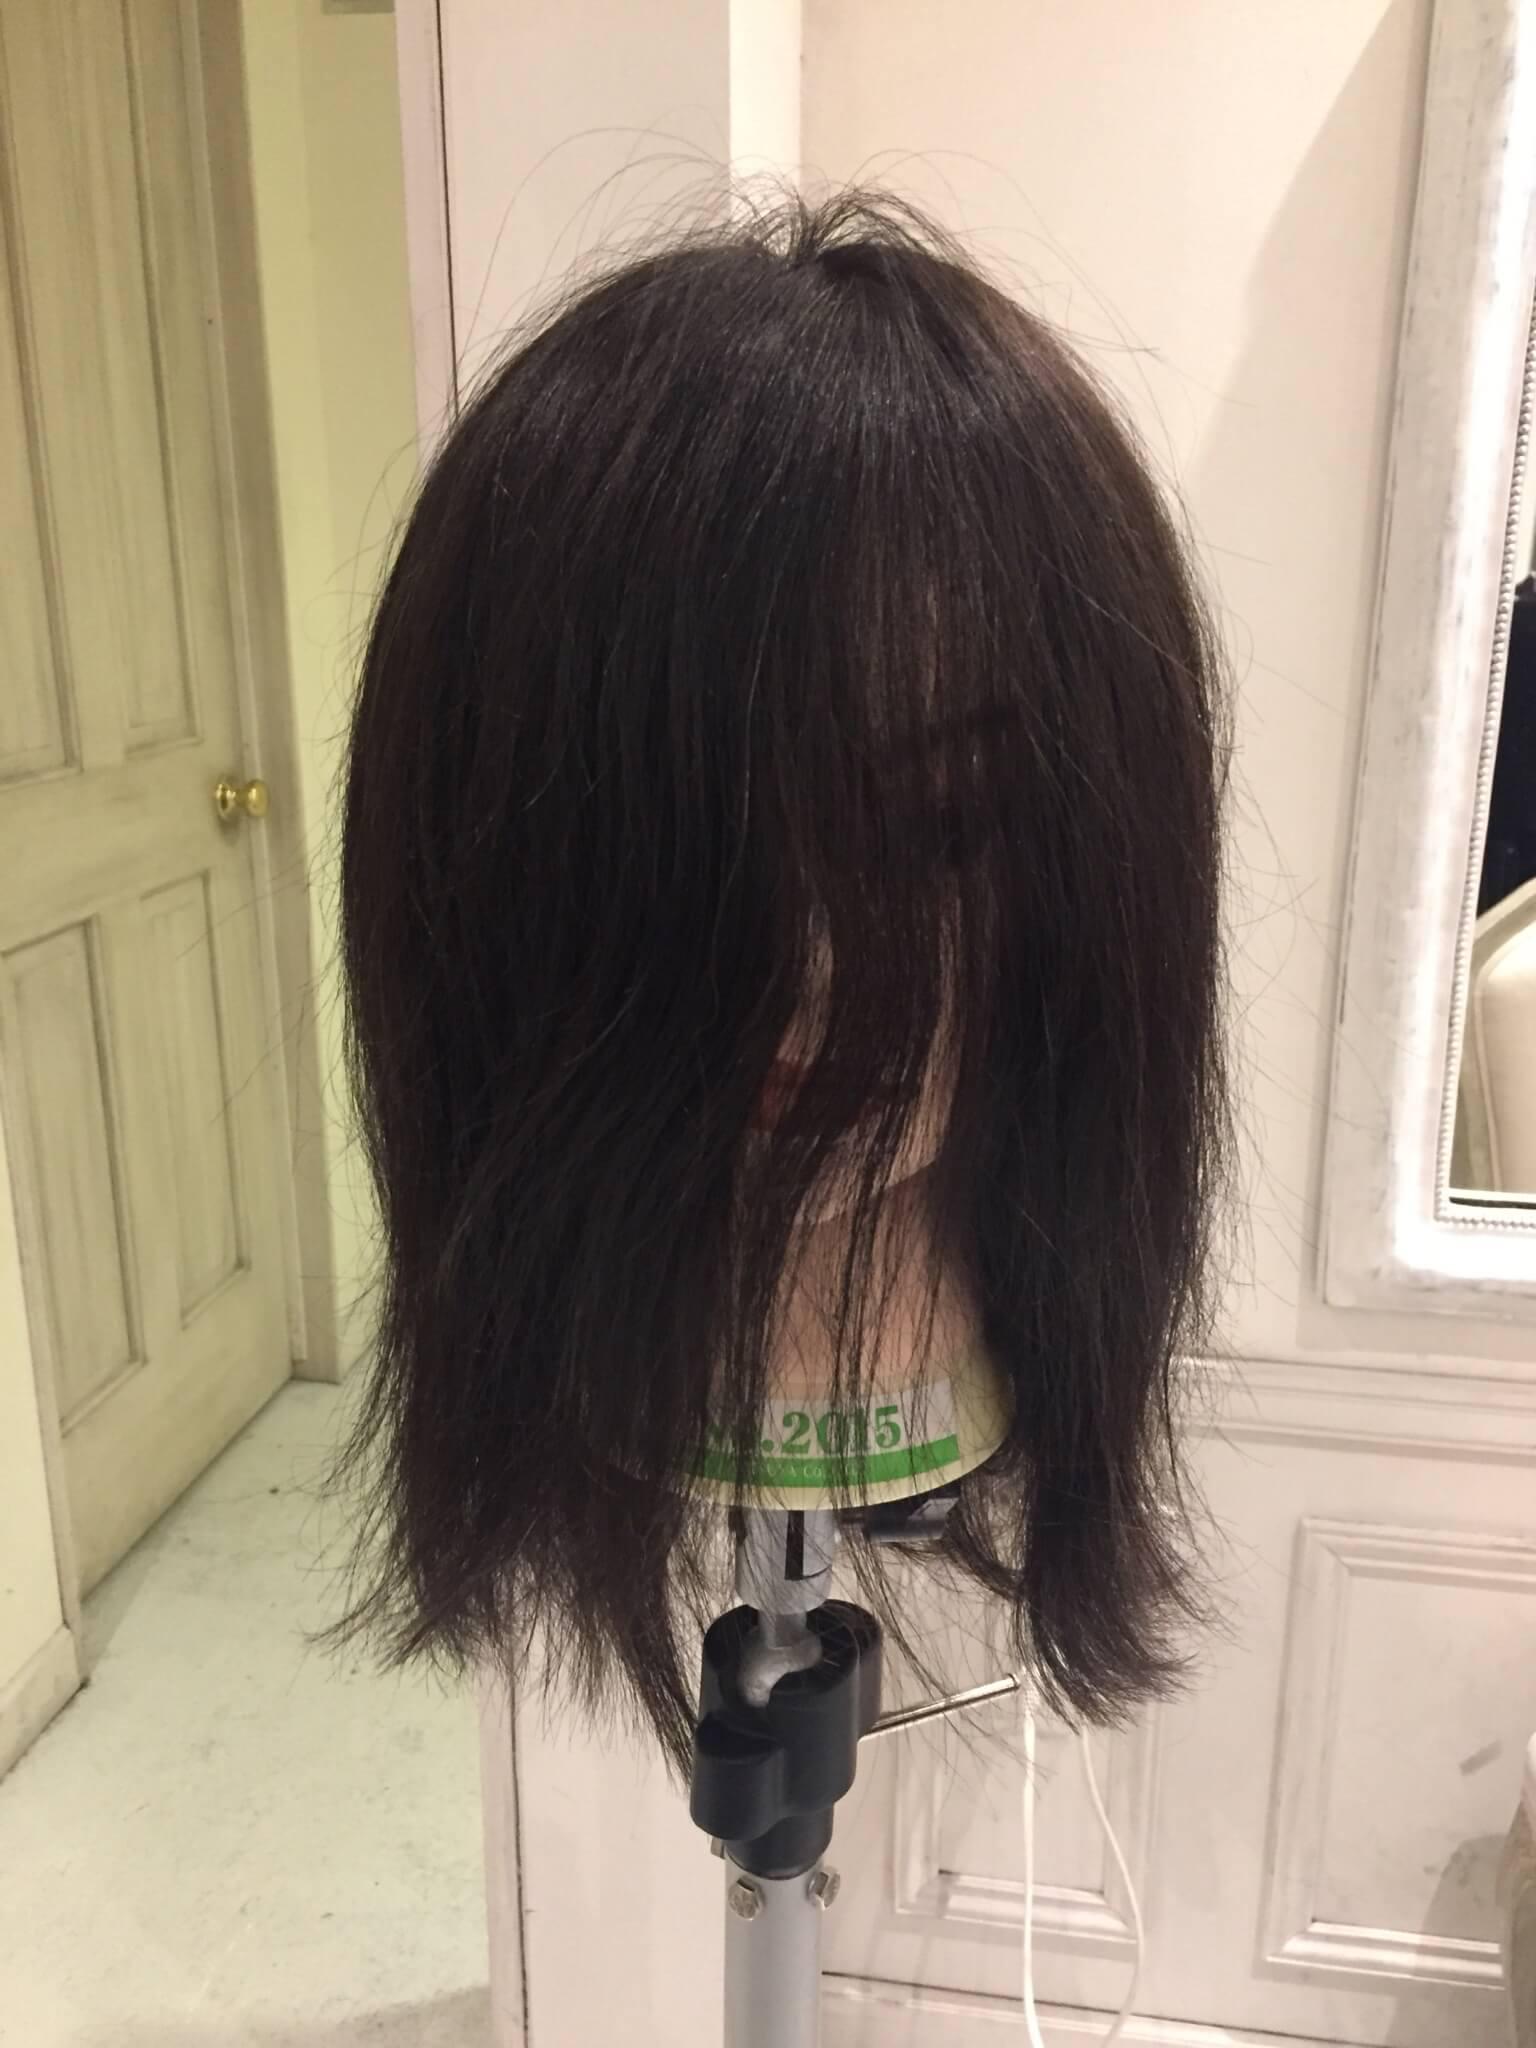 タオルドライでここまで変わる!楽に早く髪を乾かす方法を比較検証してみた!!